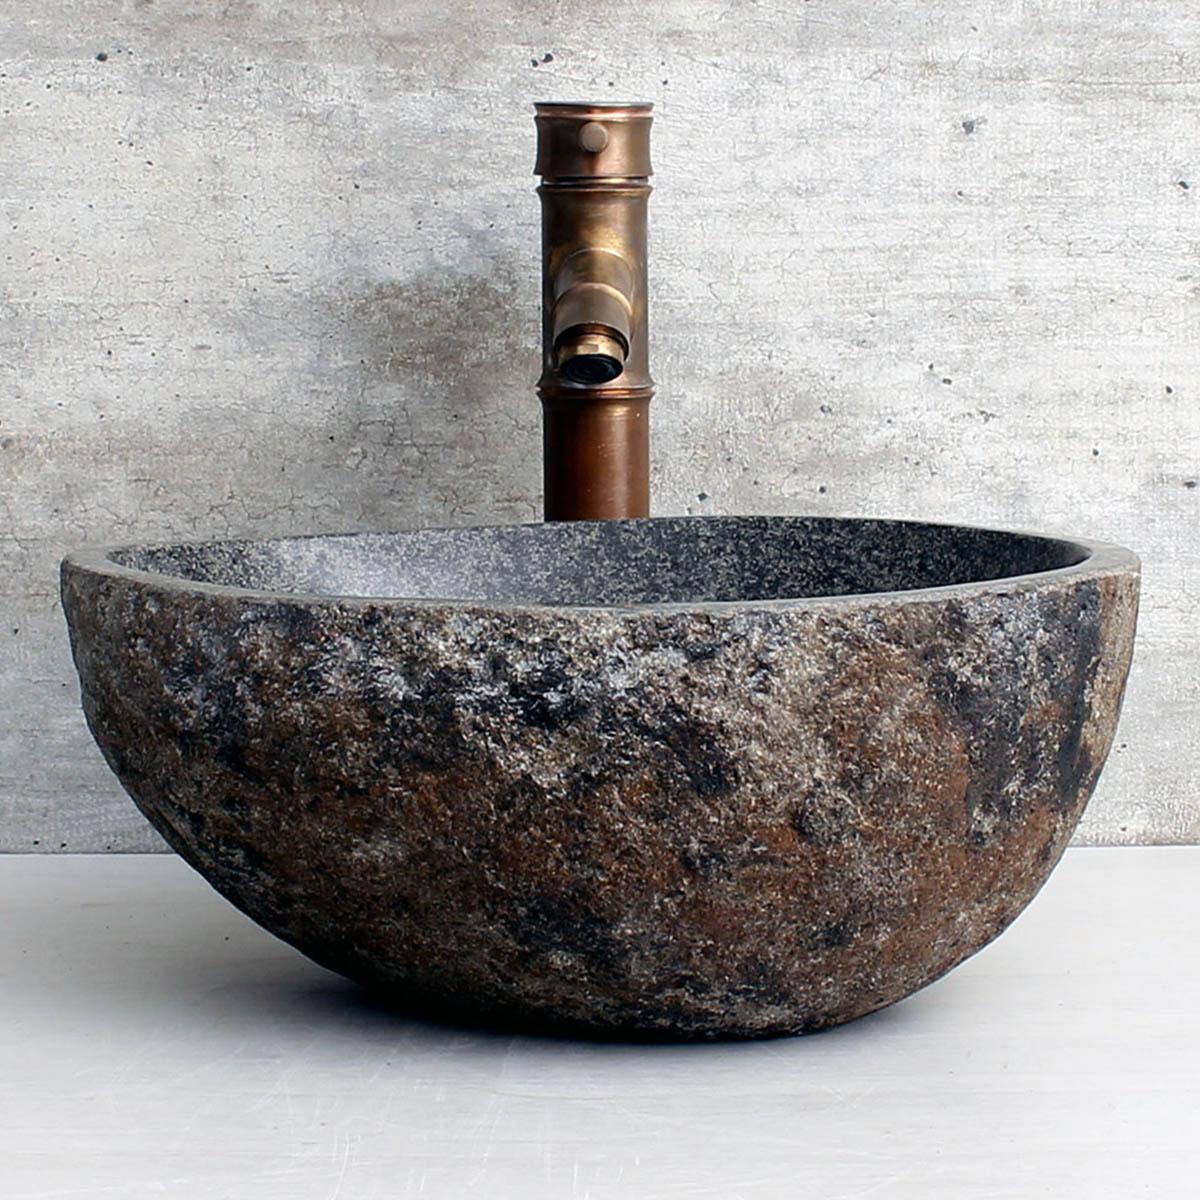 Cuba de Banheiro em Pedra Natural RS1110 36x30x15cm